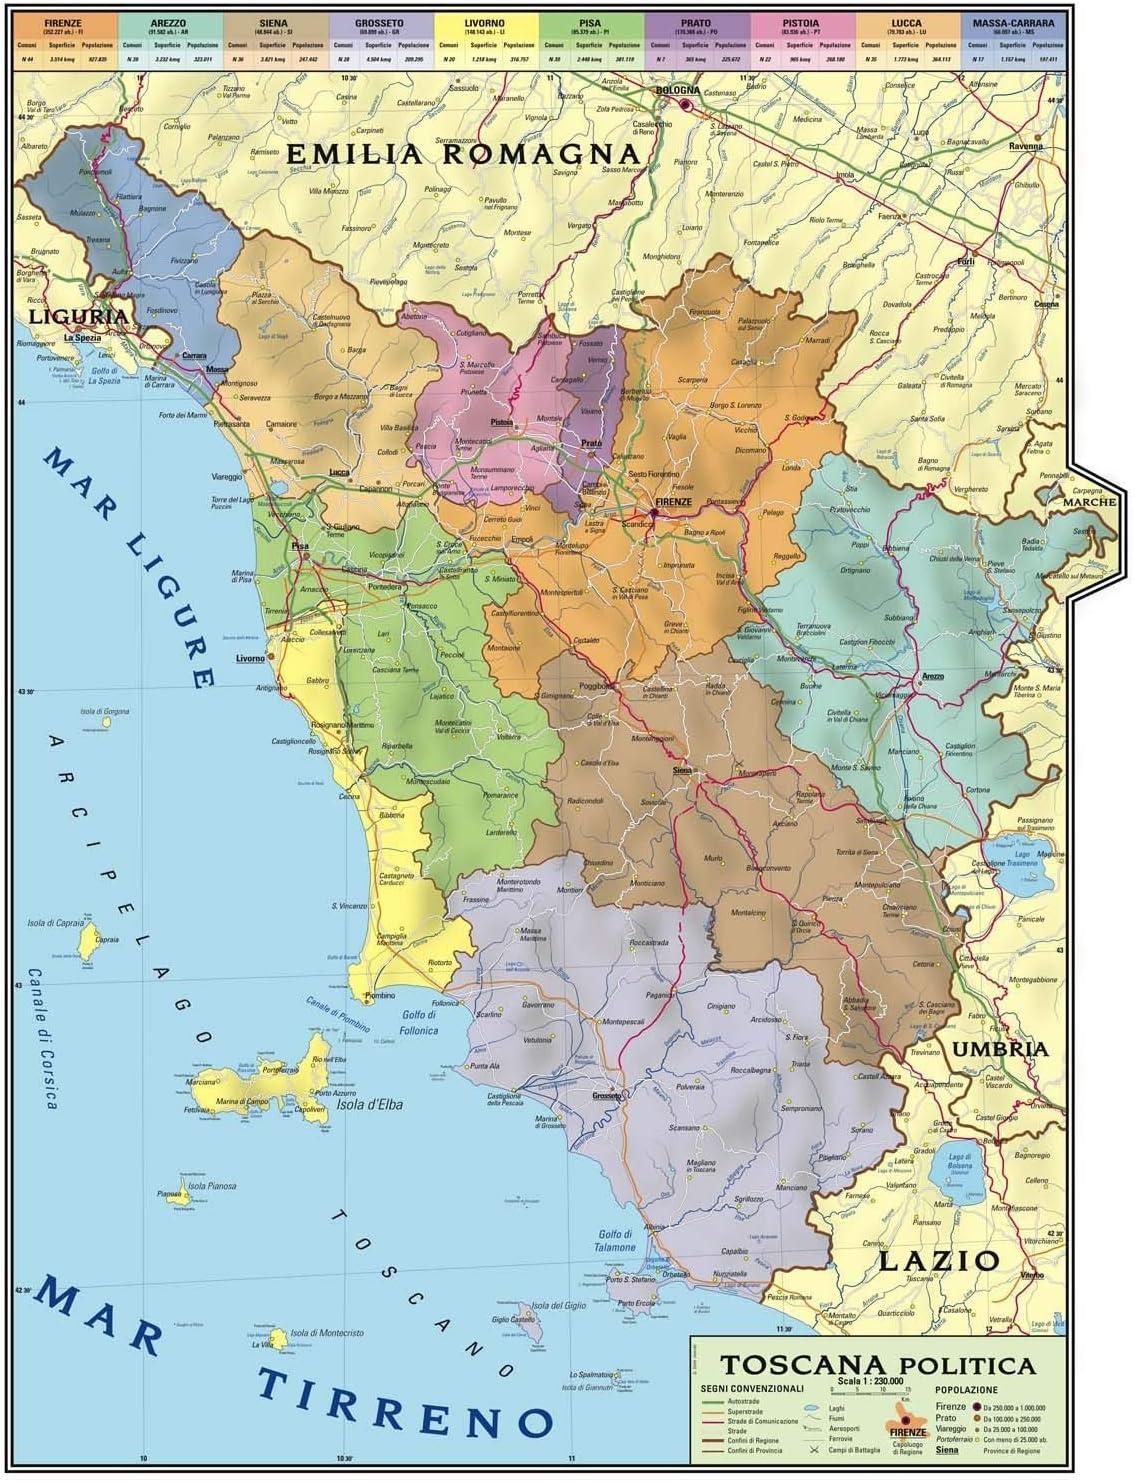 Immagini Cartina Toscana.Carta Geografica Murale Regionale Toscana 100x140 Bifacciale Fisica E Politica Amazon It Cancelleria E Prodotti Per Ufficio